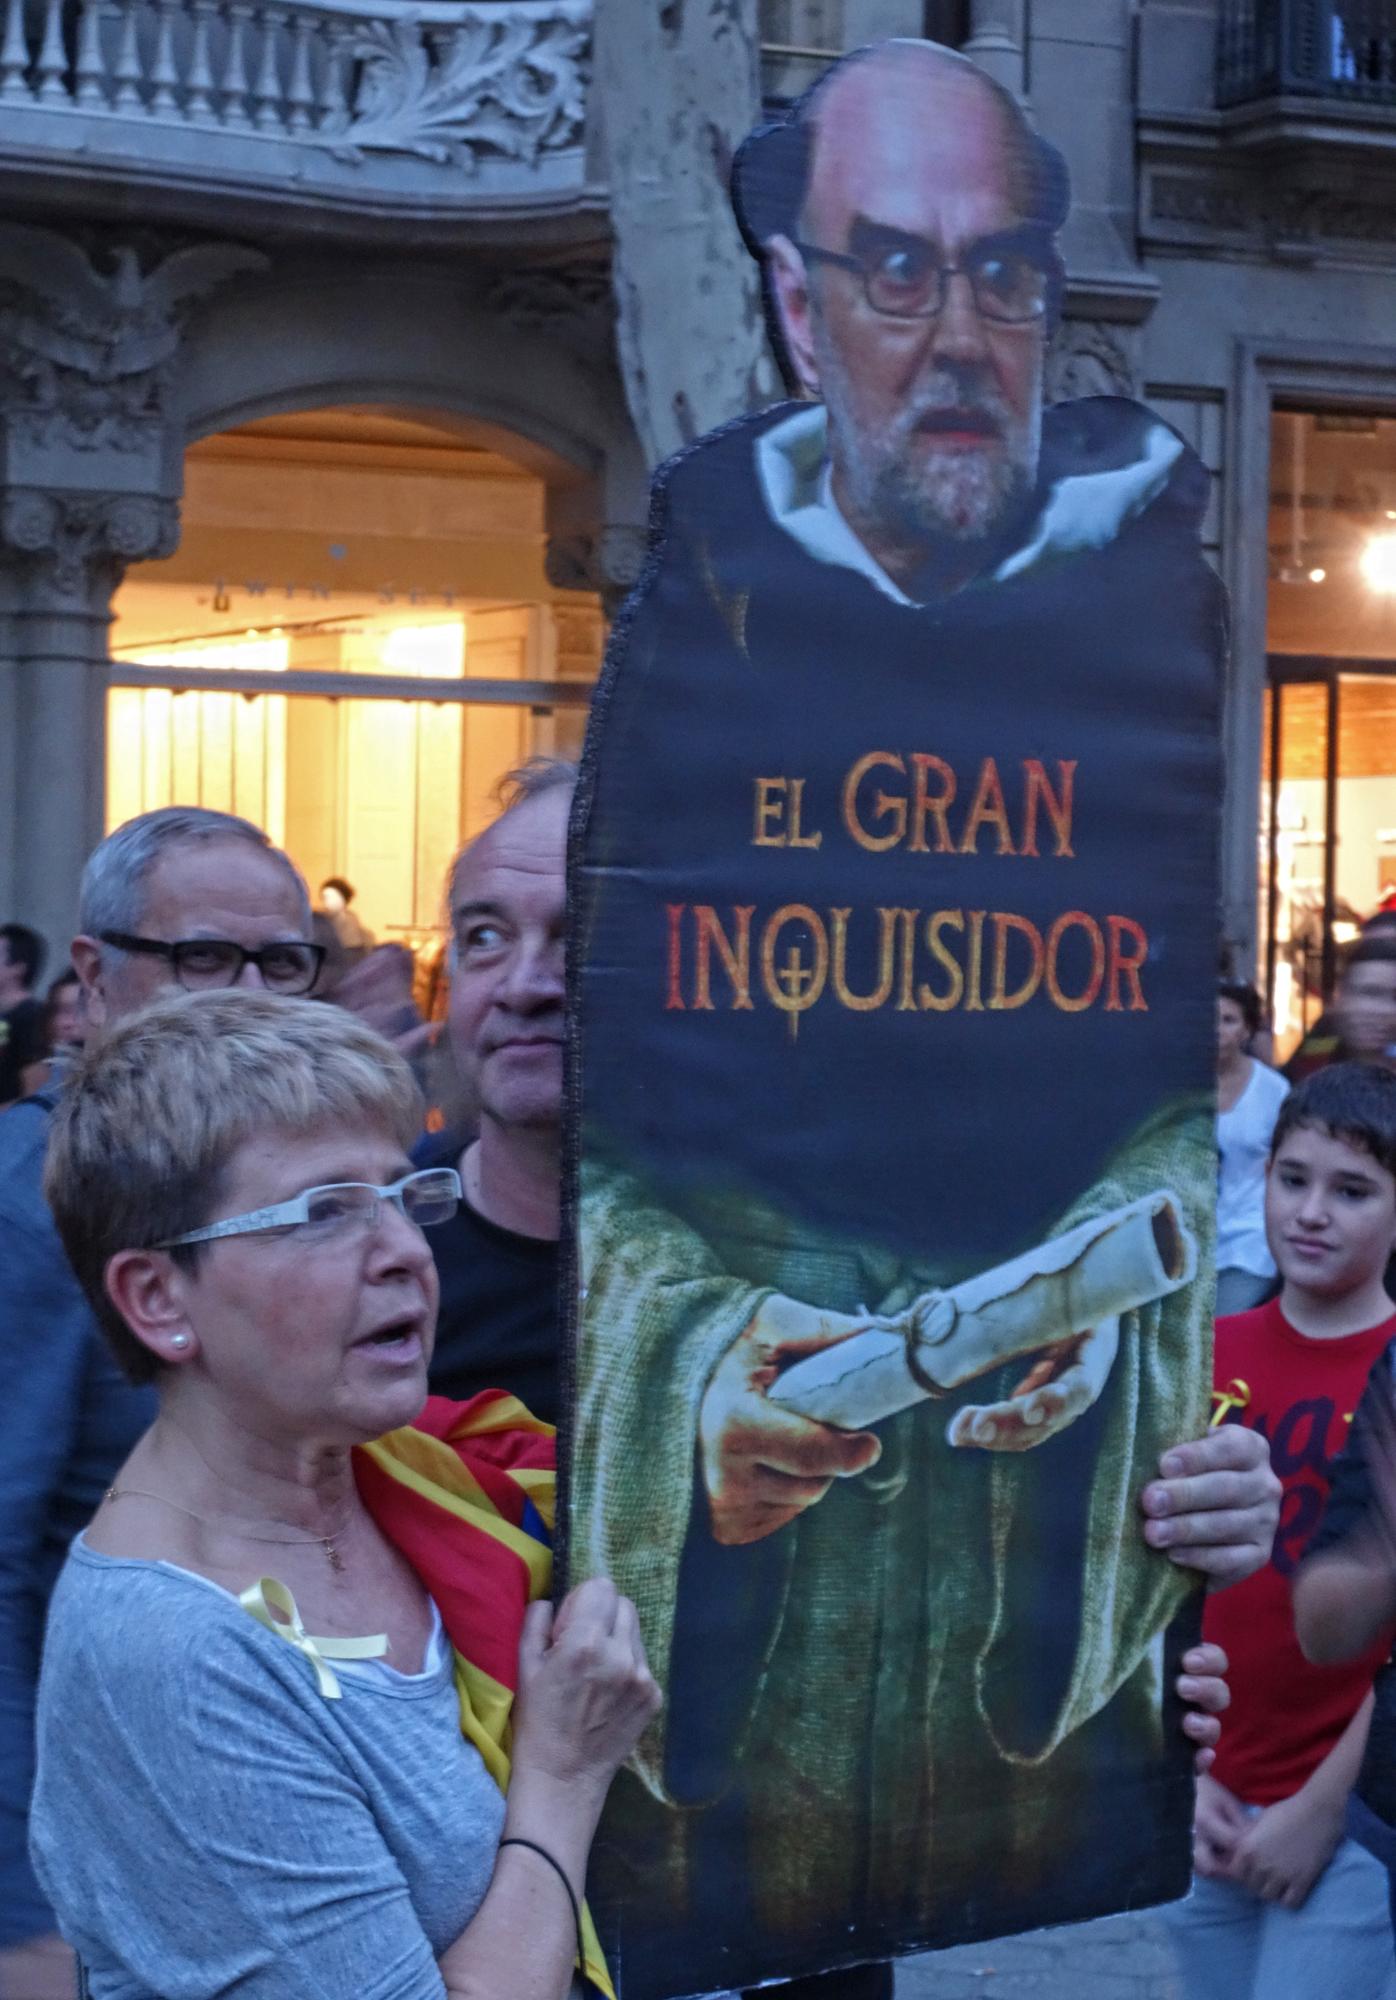 Manifestació, #11. Barcelona, Catalunya, Espanya